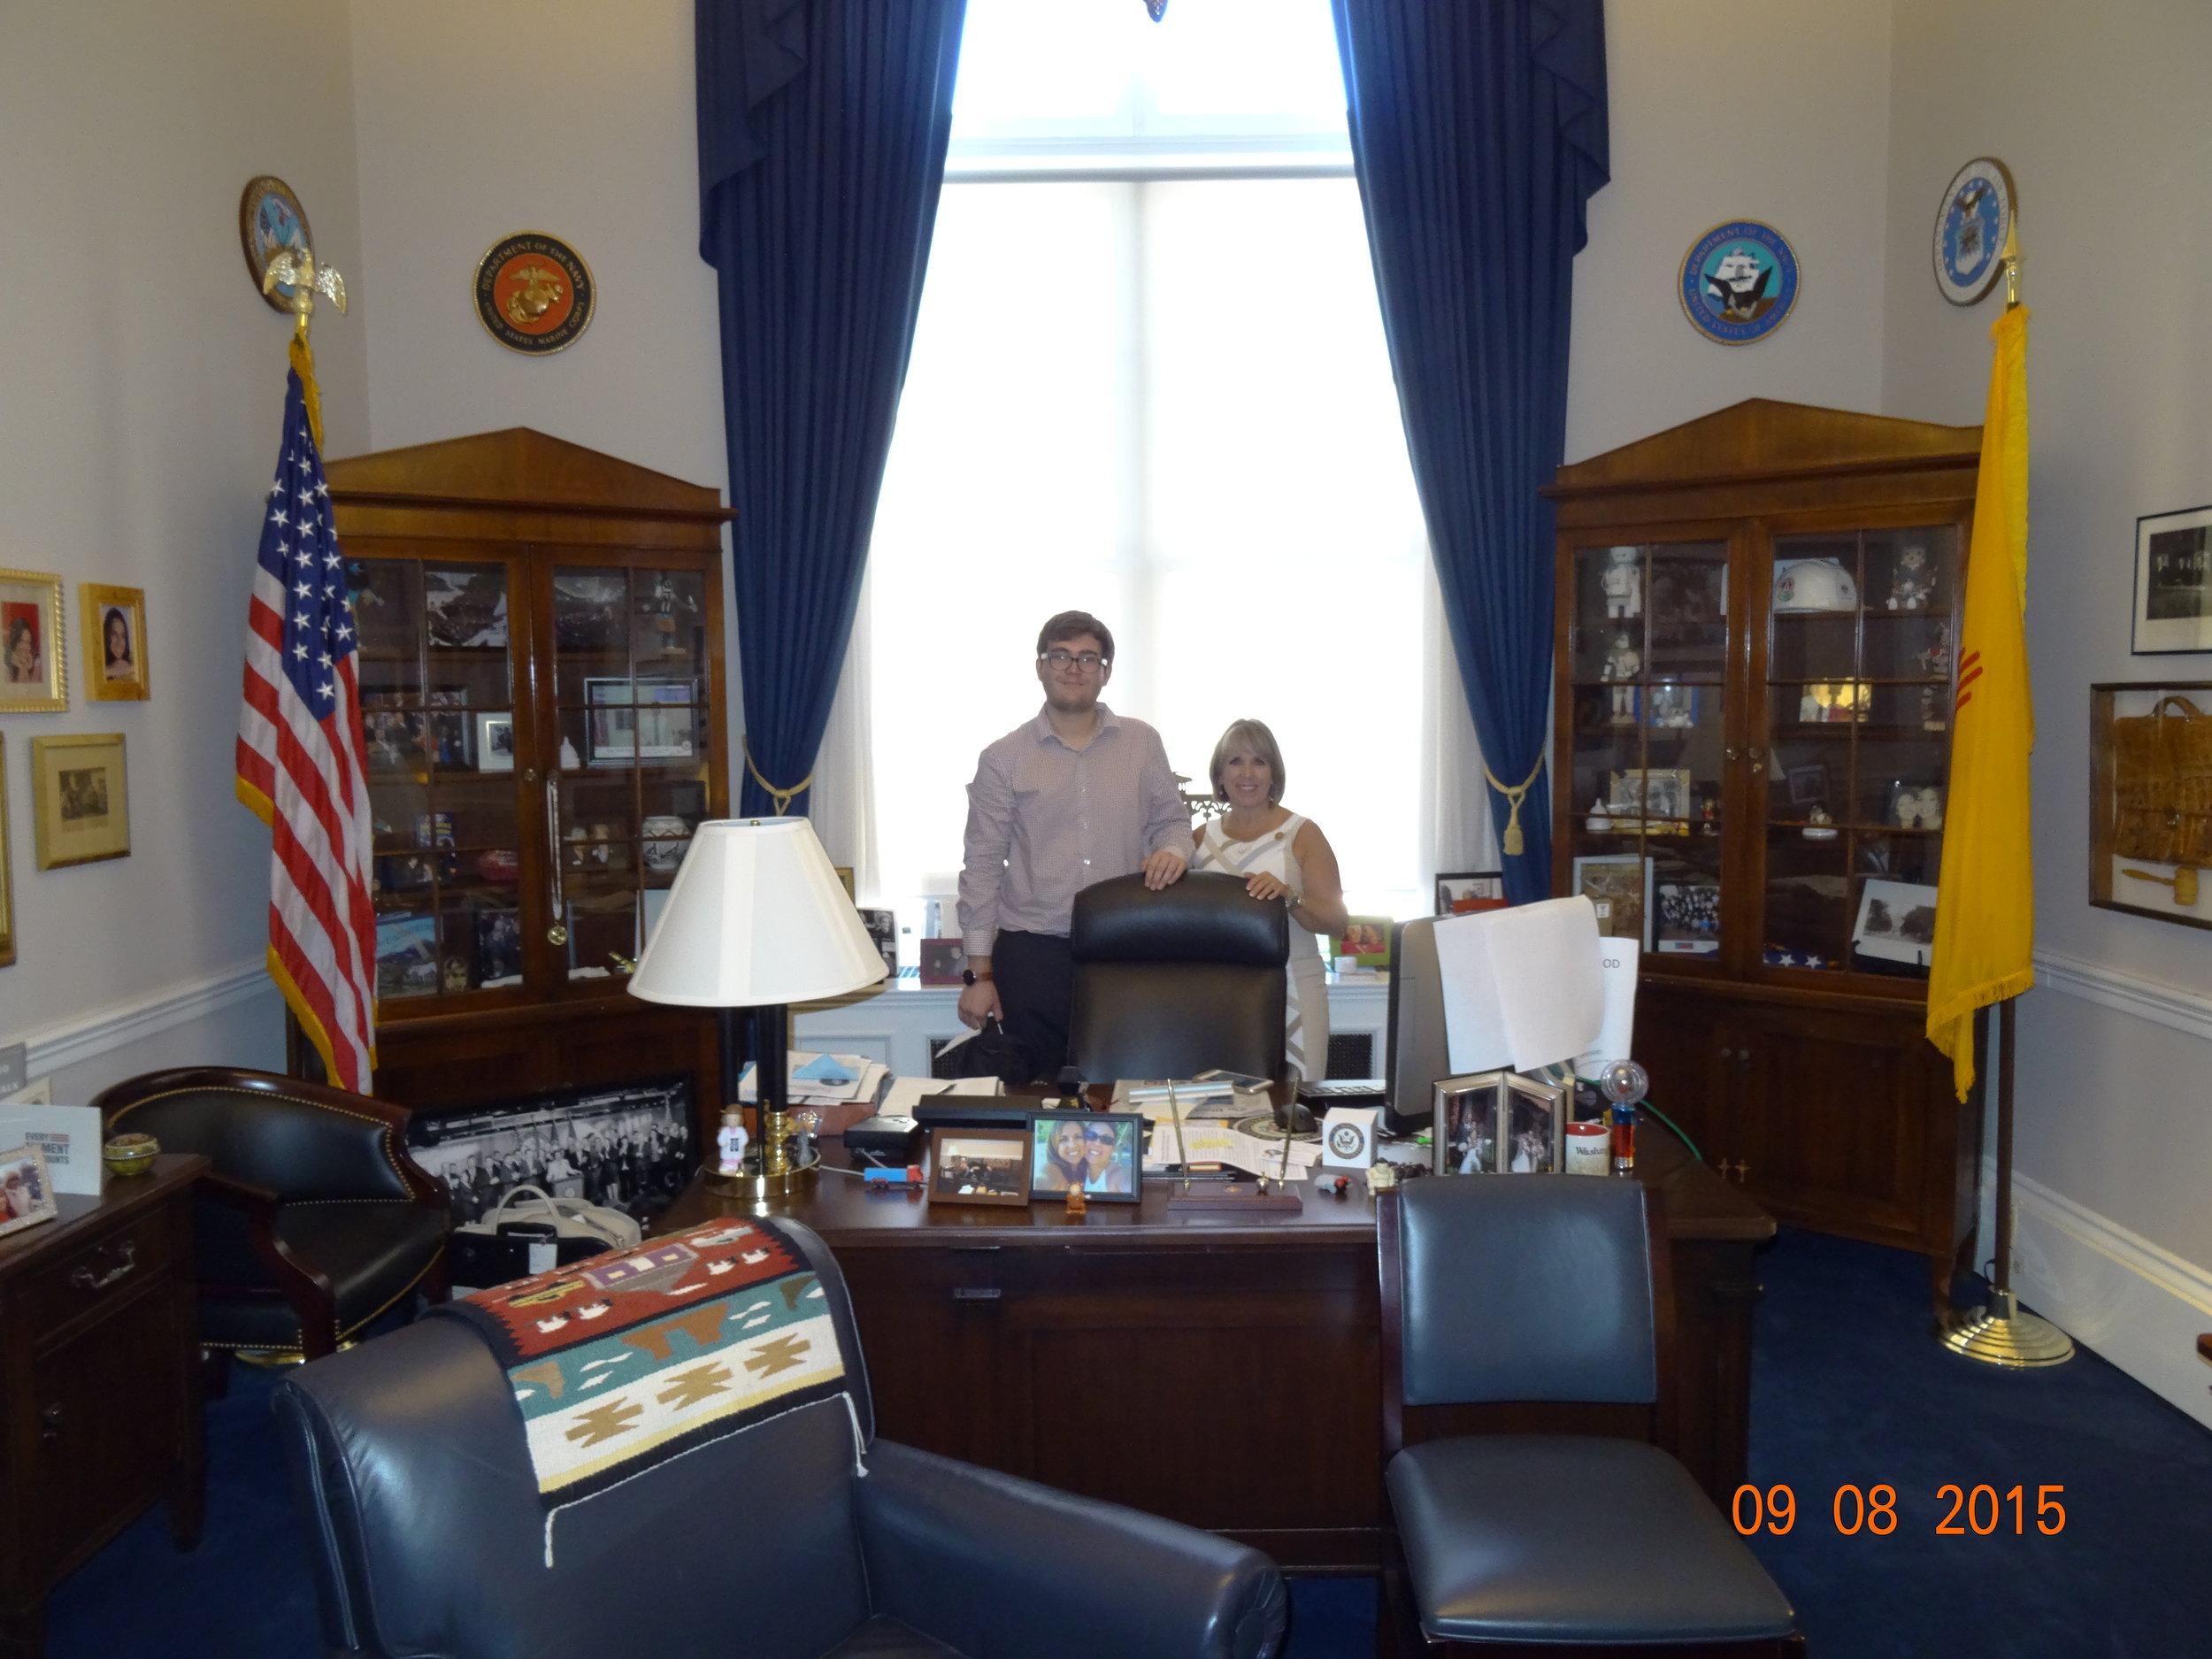 Meeting with Congresswoman Michelle Grisham